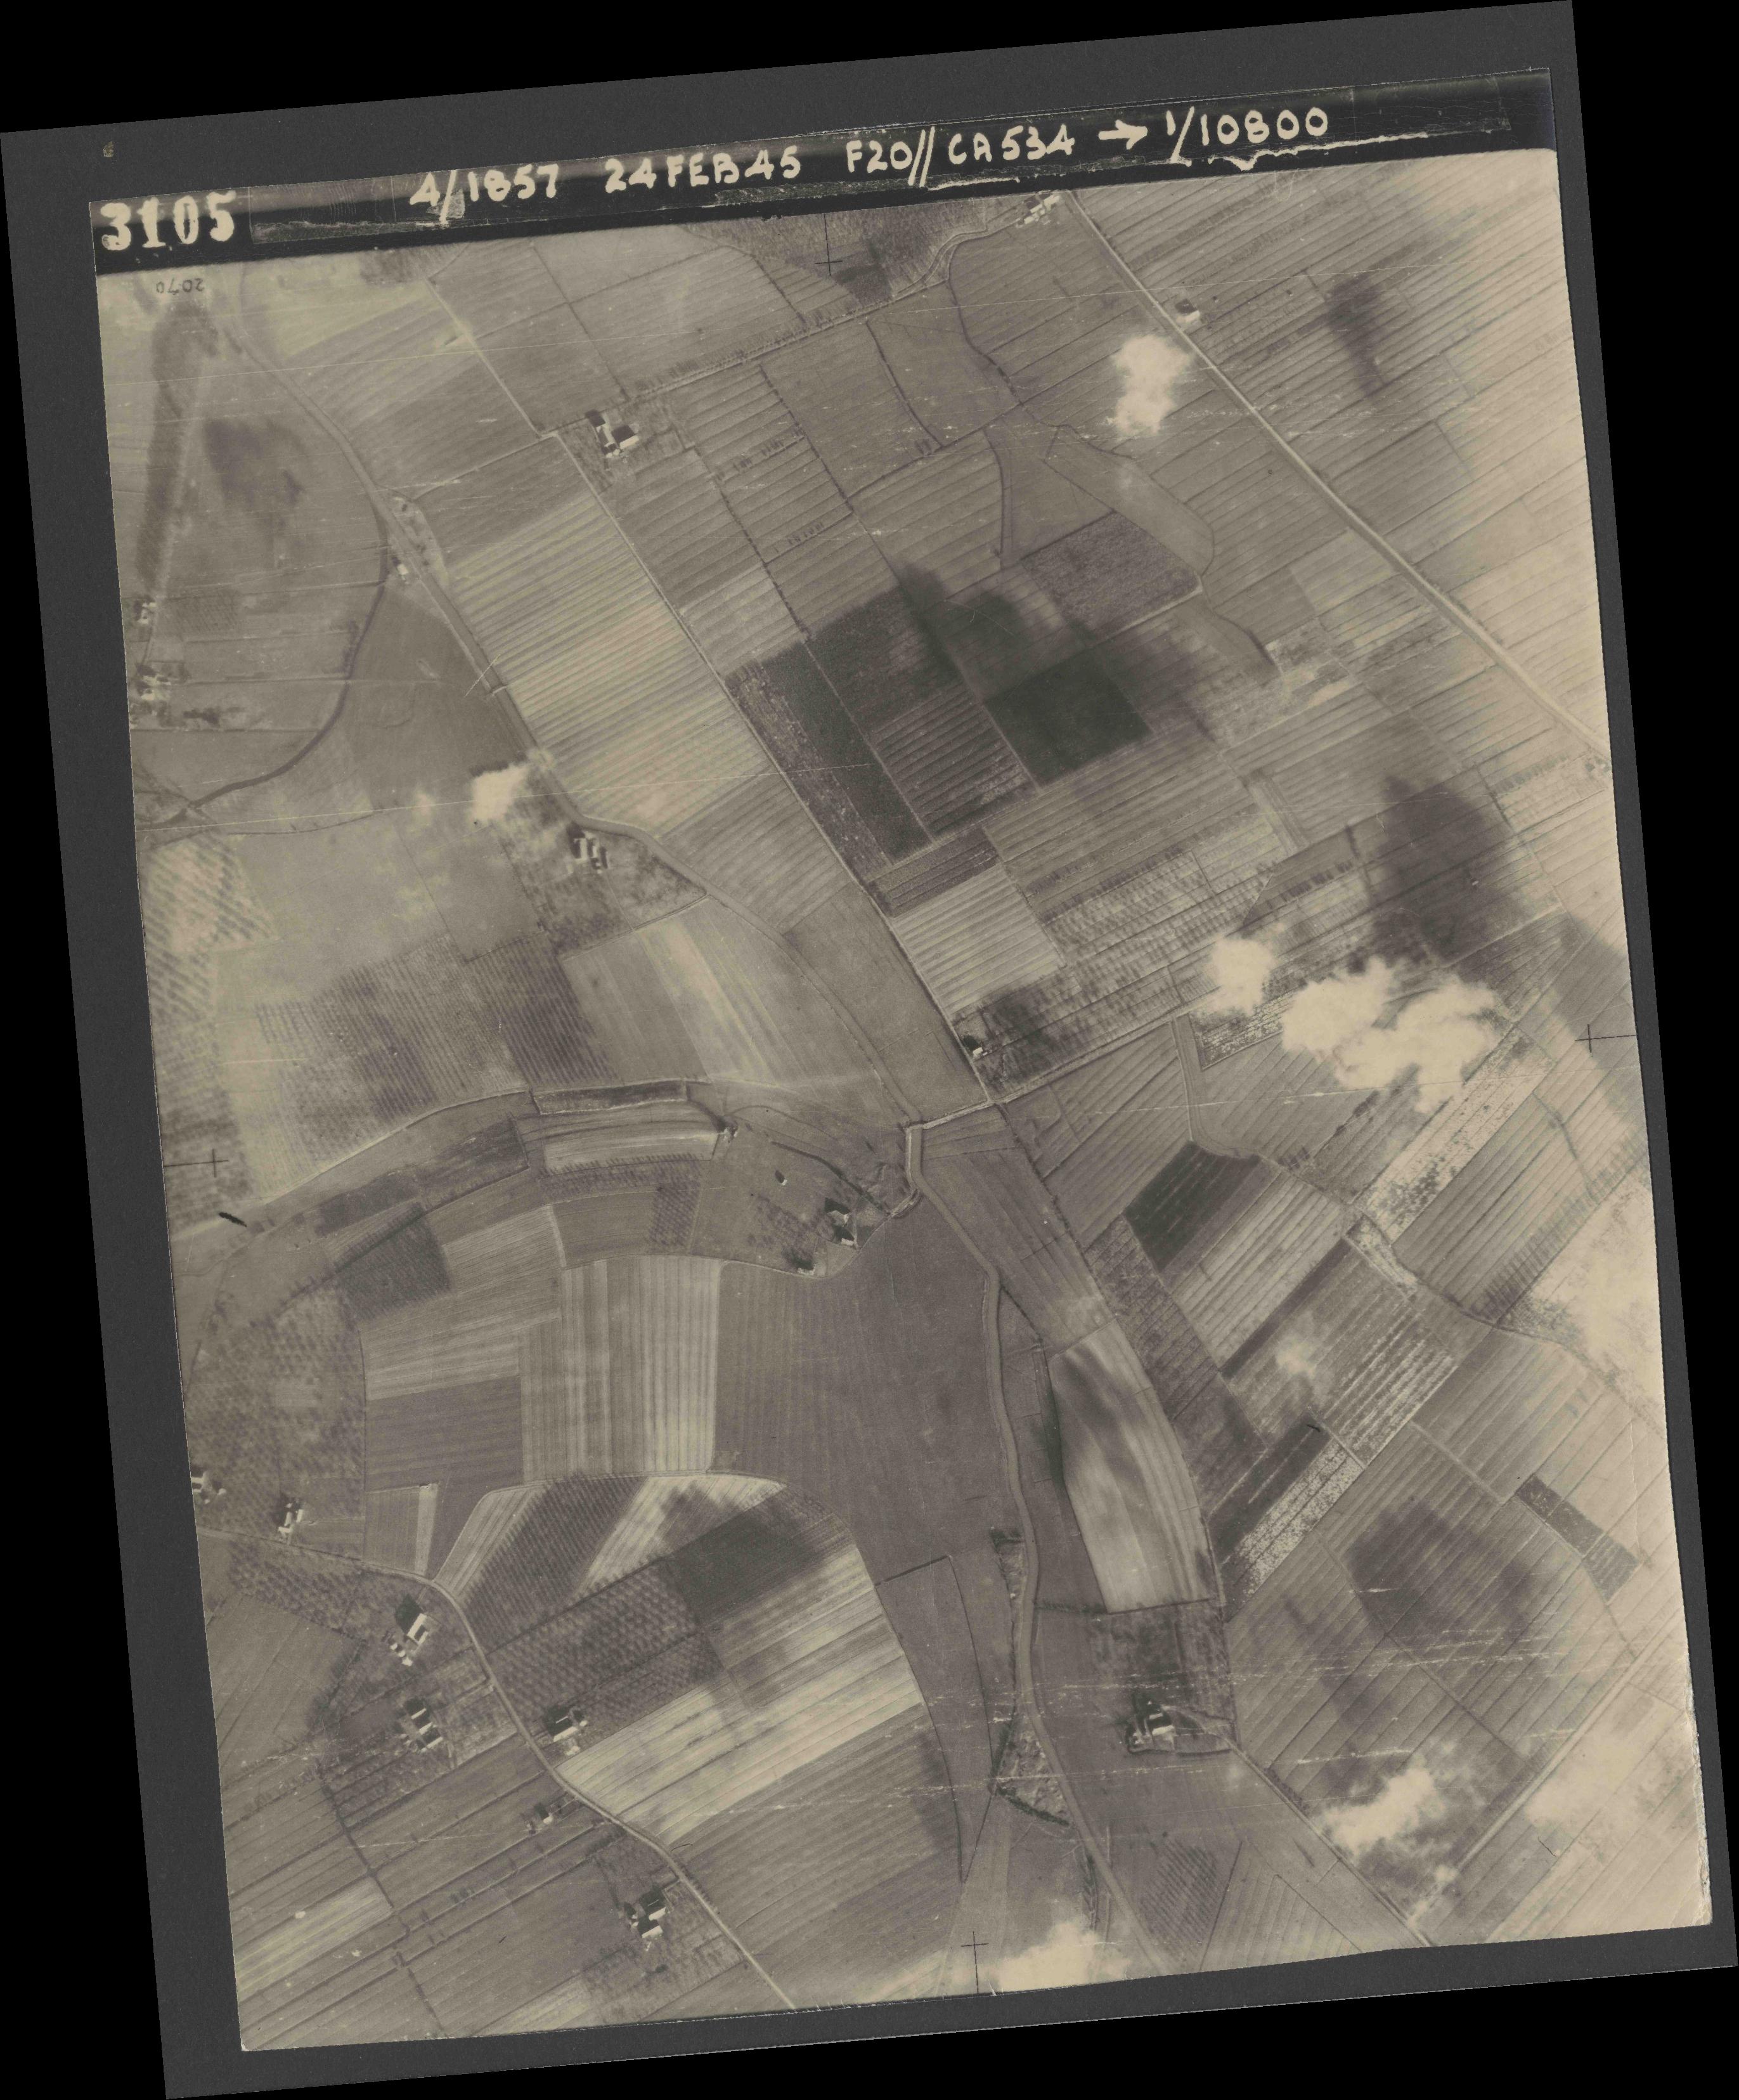 Collection RAF aerial photos 1940-1945 - flight 073, run 02, photo 3105